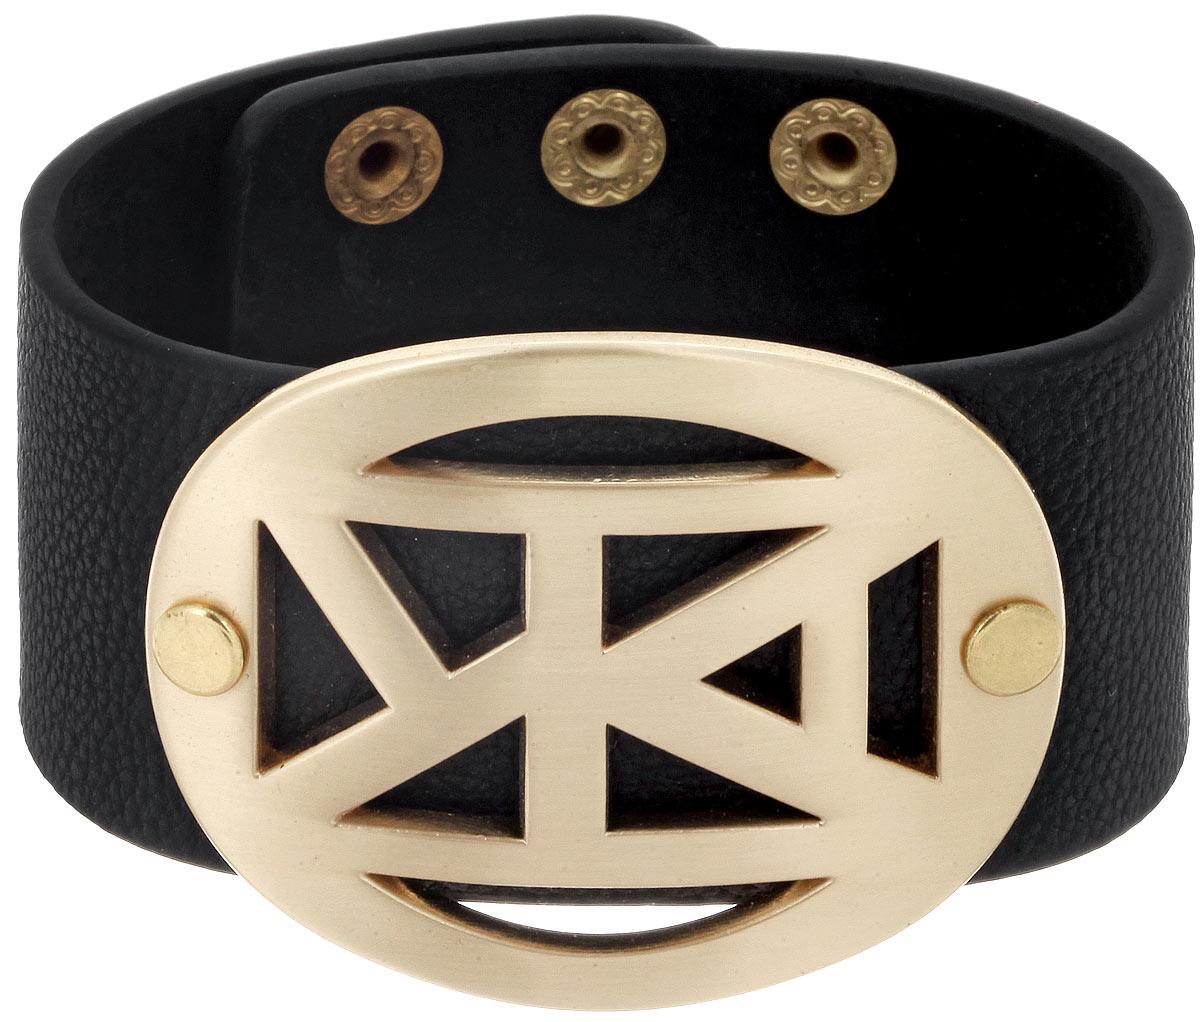 Браслет Taya, цвет: золотистый, черный. T-B-5487T-B-5487-BRAC-GL.BLACKСтильный женский браслет Taya выполнен из искусственной кожи и дополнен декоративным металлическим элементом. Застегивается на кнопки и имеет три позиции для регулировки размера. Такой браслет внесет изюминку в любой образ и подчеркнет индивидуальность.